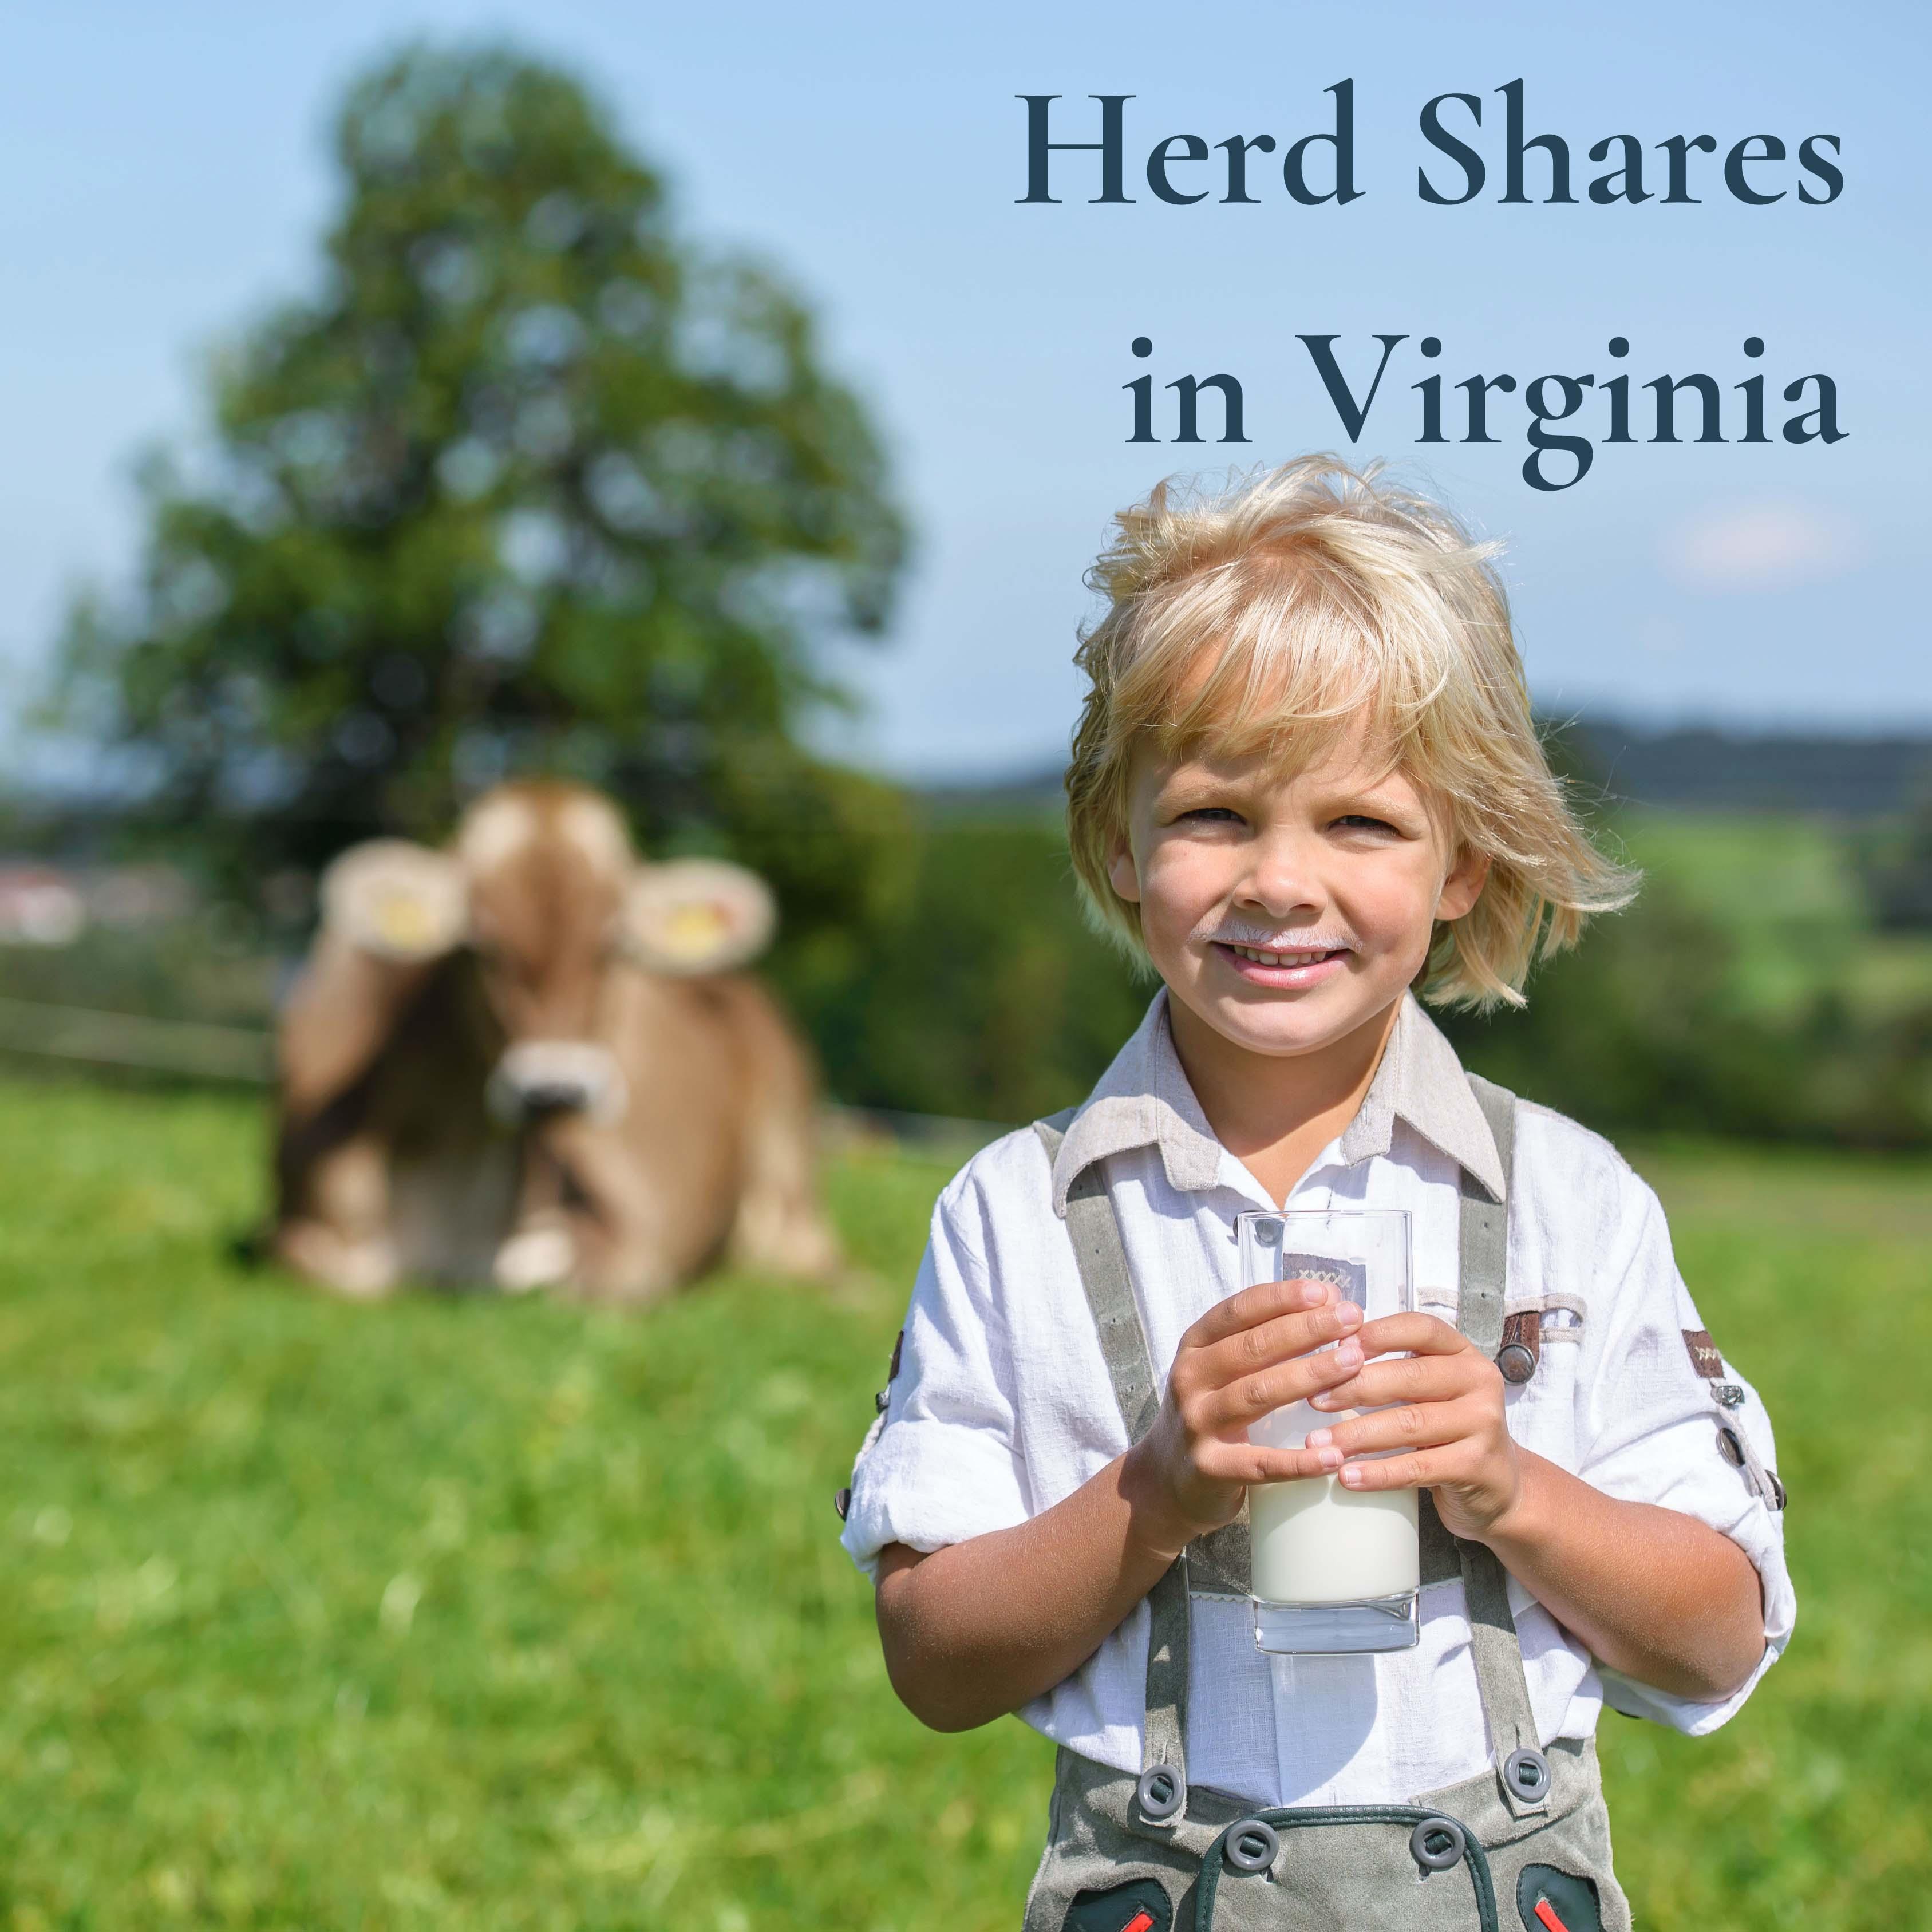 herd shares virginia